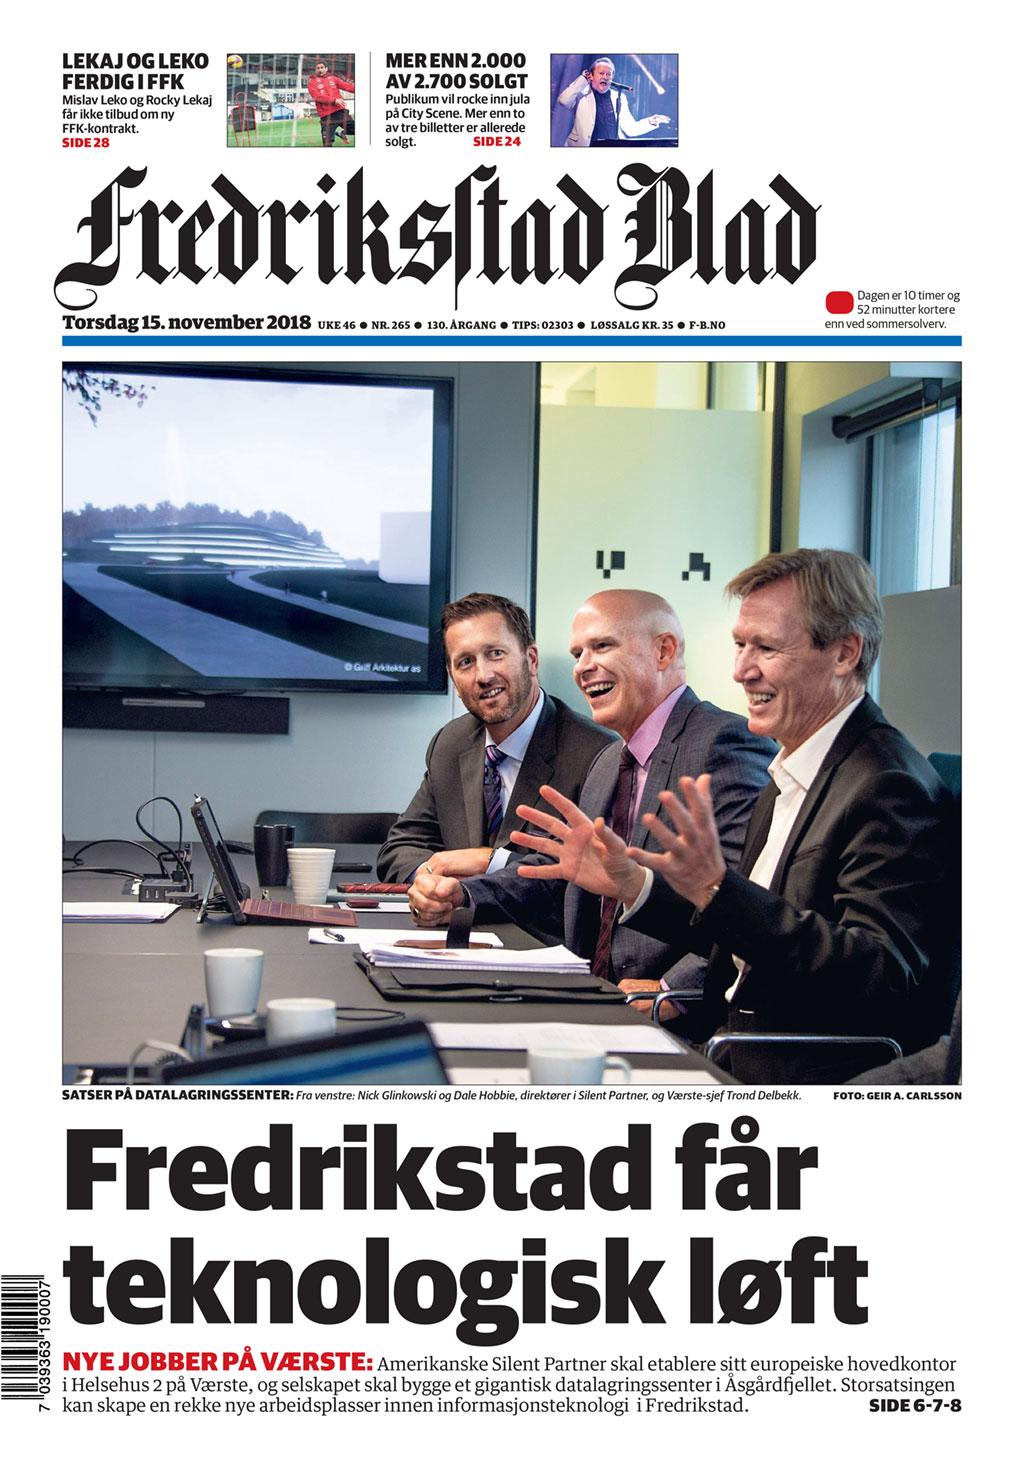 2018-11-15-FB,-Fredrikstad-får-teknologisk-løft-1.jpg